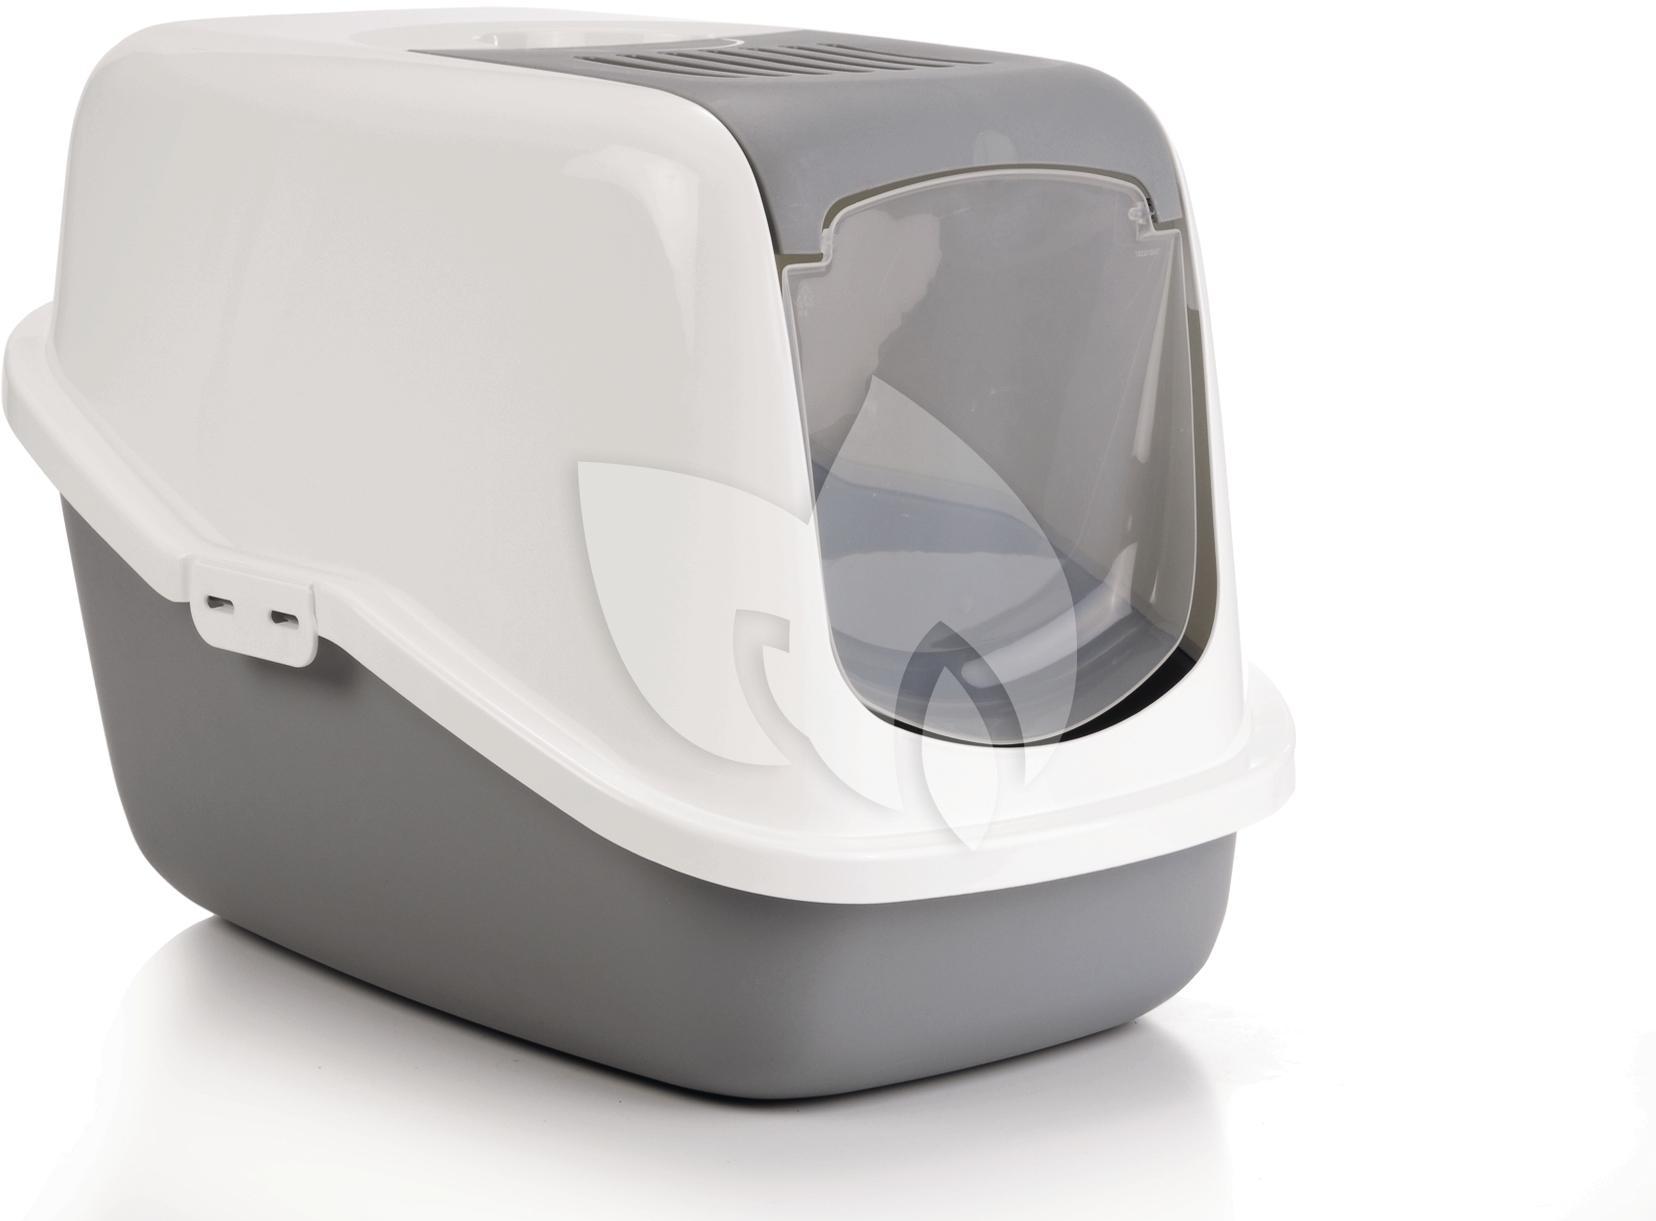 Pet products nestor kattenbak grijs wit - Deco toilet grijs en wit ...